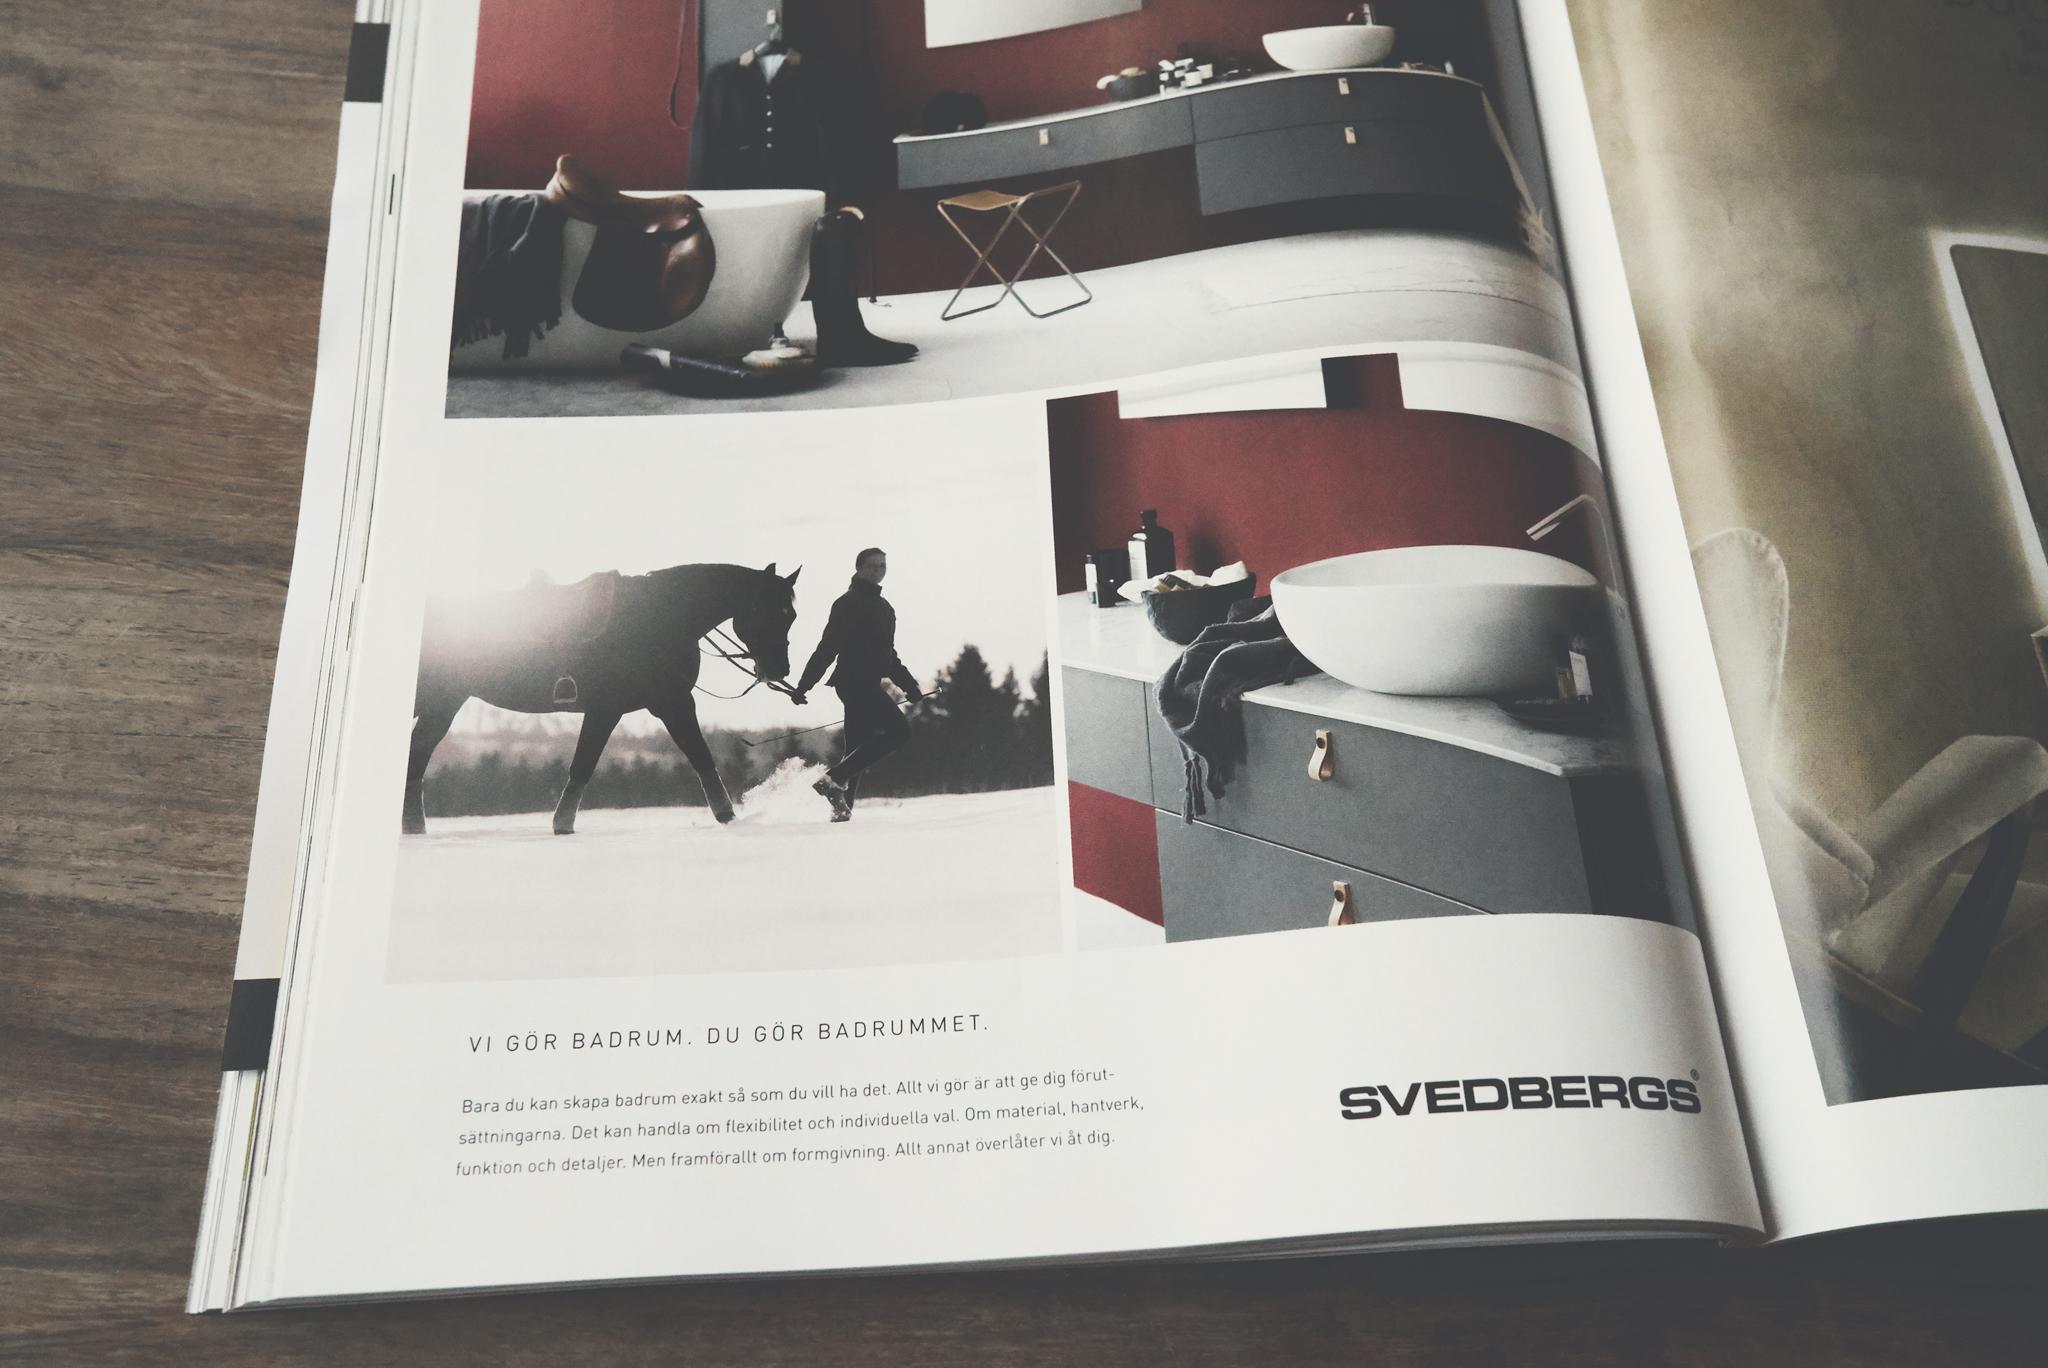 svedbergs-reklam.jpg